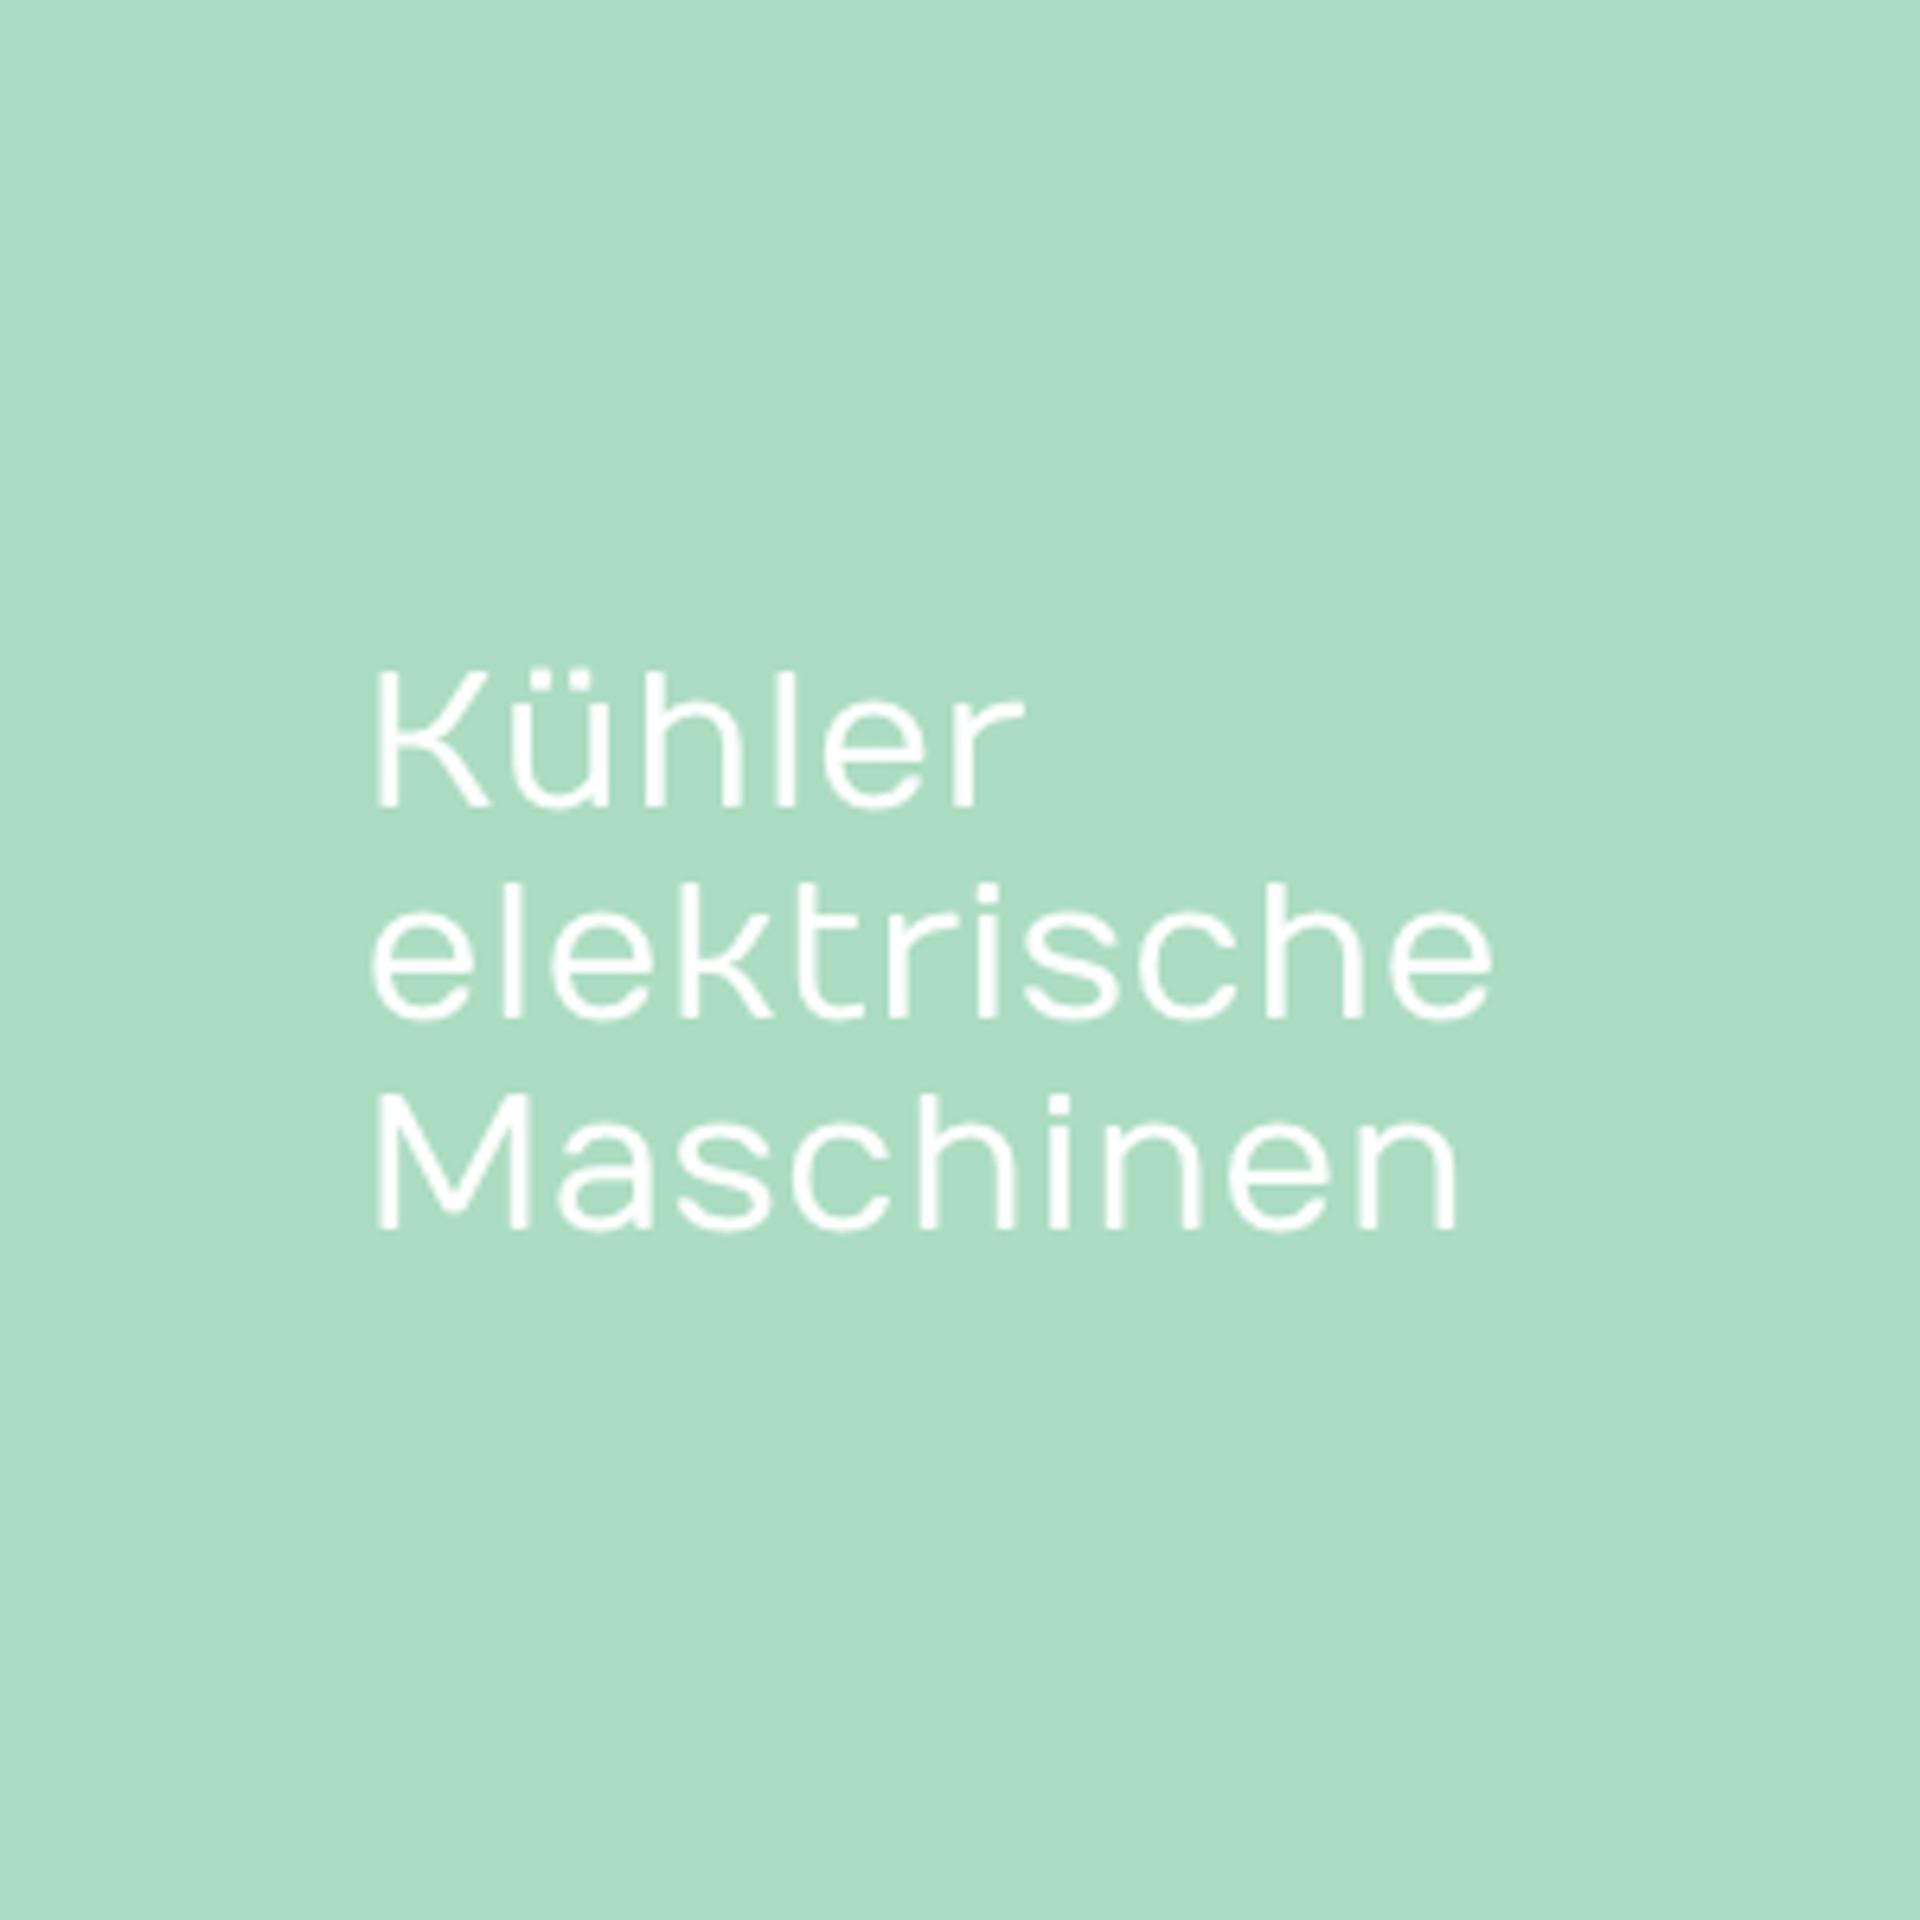 GWA_Kuehlung_von_elektrischen_Maschinen_Gesellschaft_fuer_Waerme_und_Anlagentechnik_monochrom